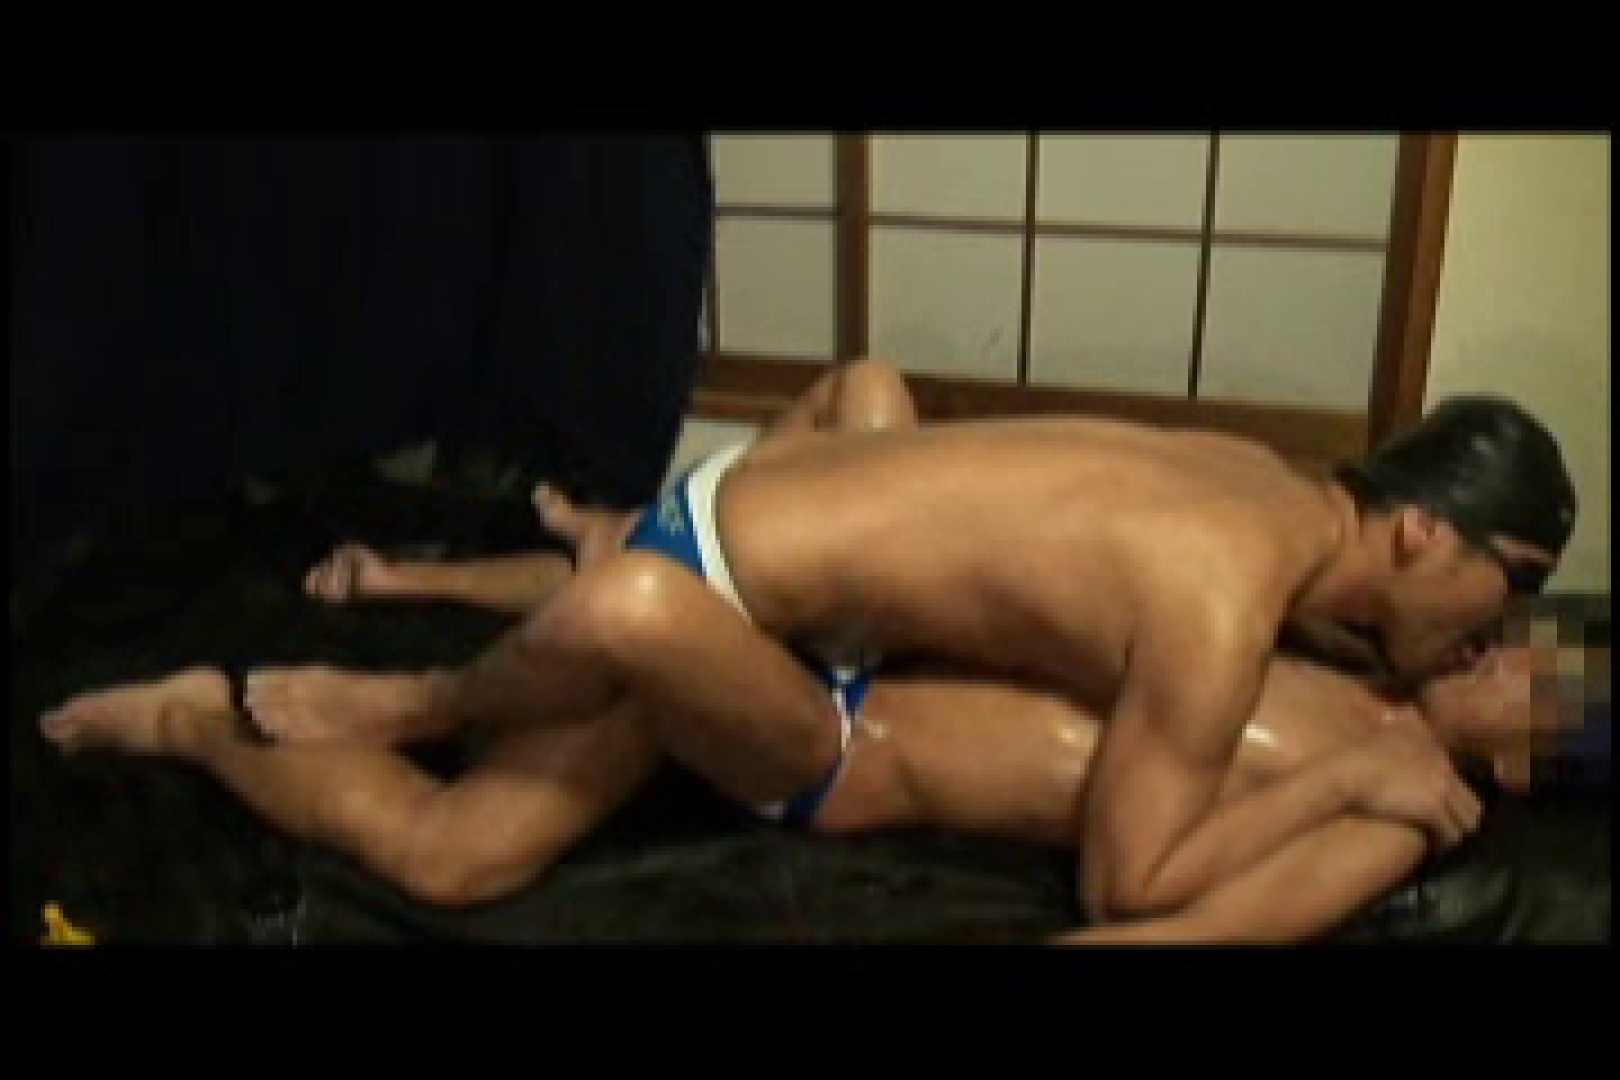 スジ筋ガチムチゴーグルマンvol6 手コキ AV動画 109枚 83